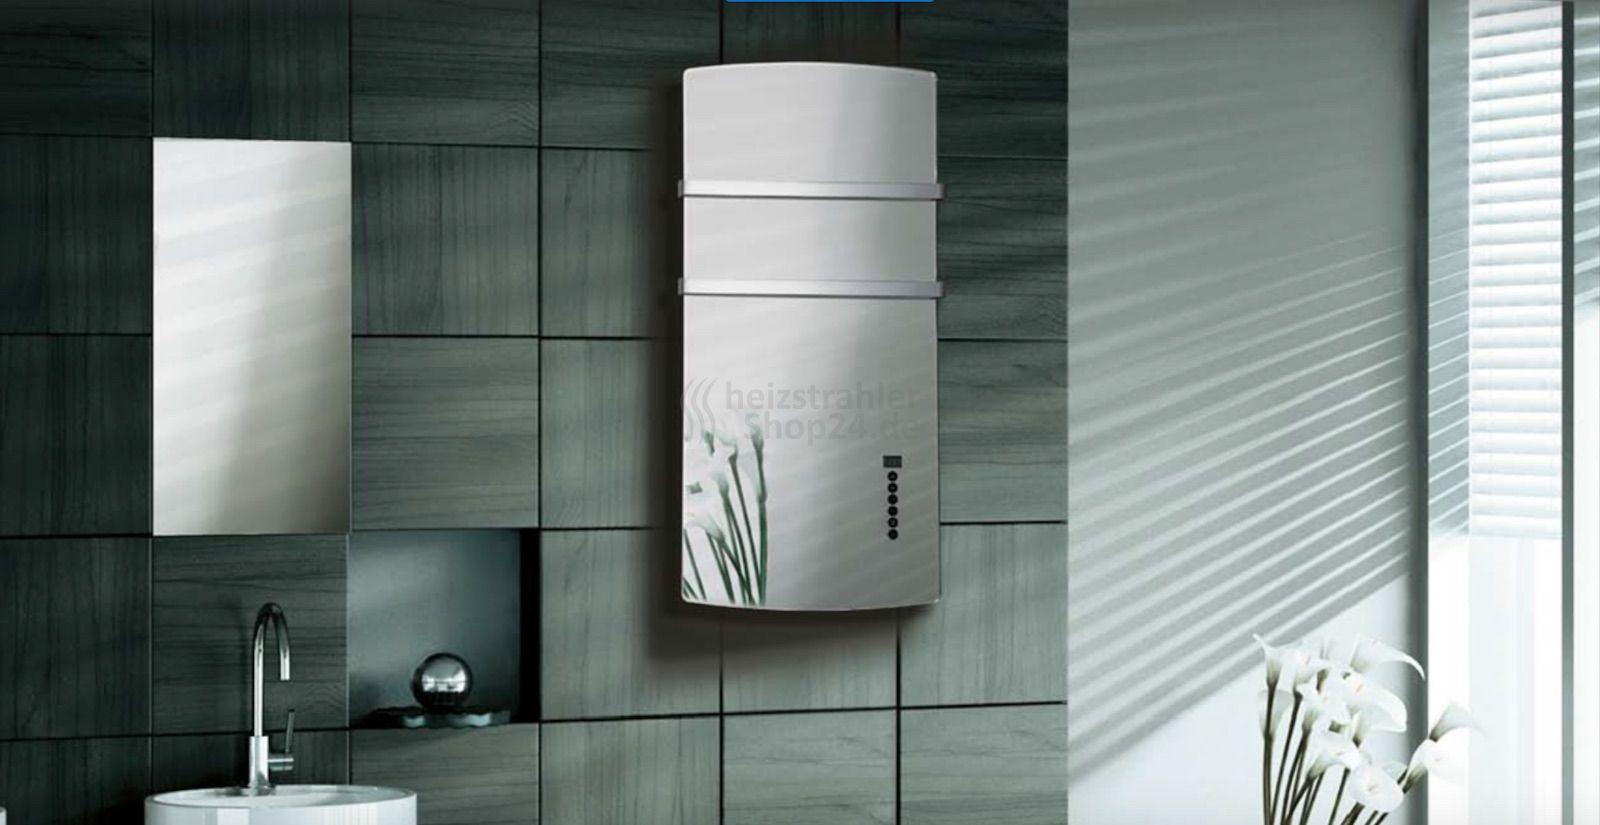 Infrarot Spiegelheizung Mit Handtuchhalter Spiegelheizung Infrarotheizung Handtuchhalter